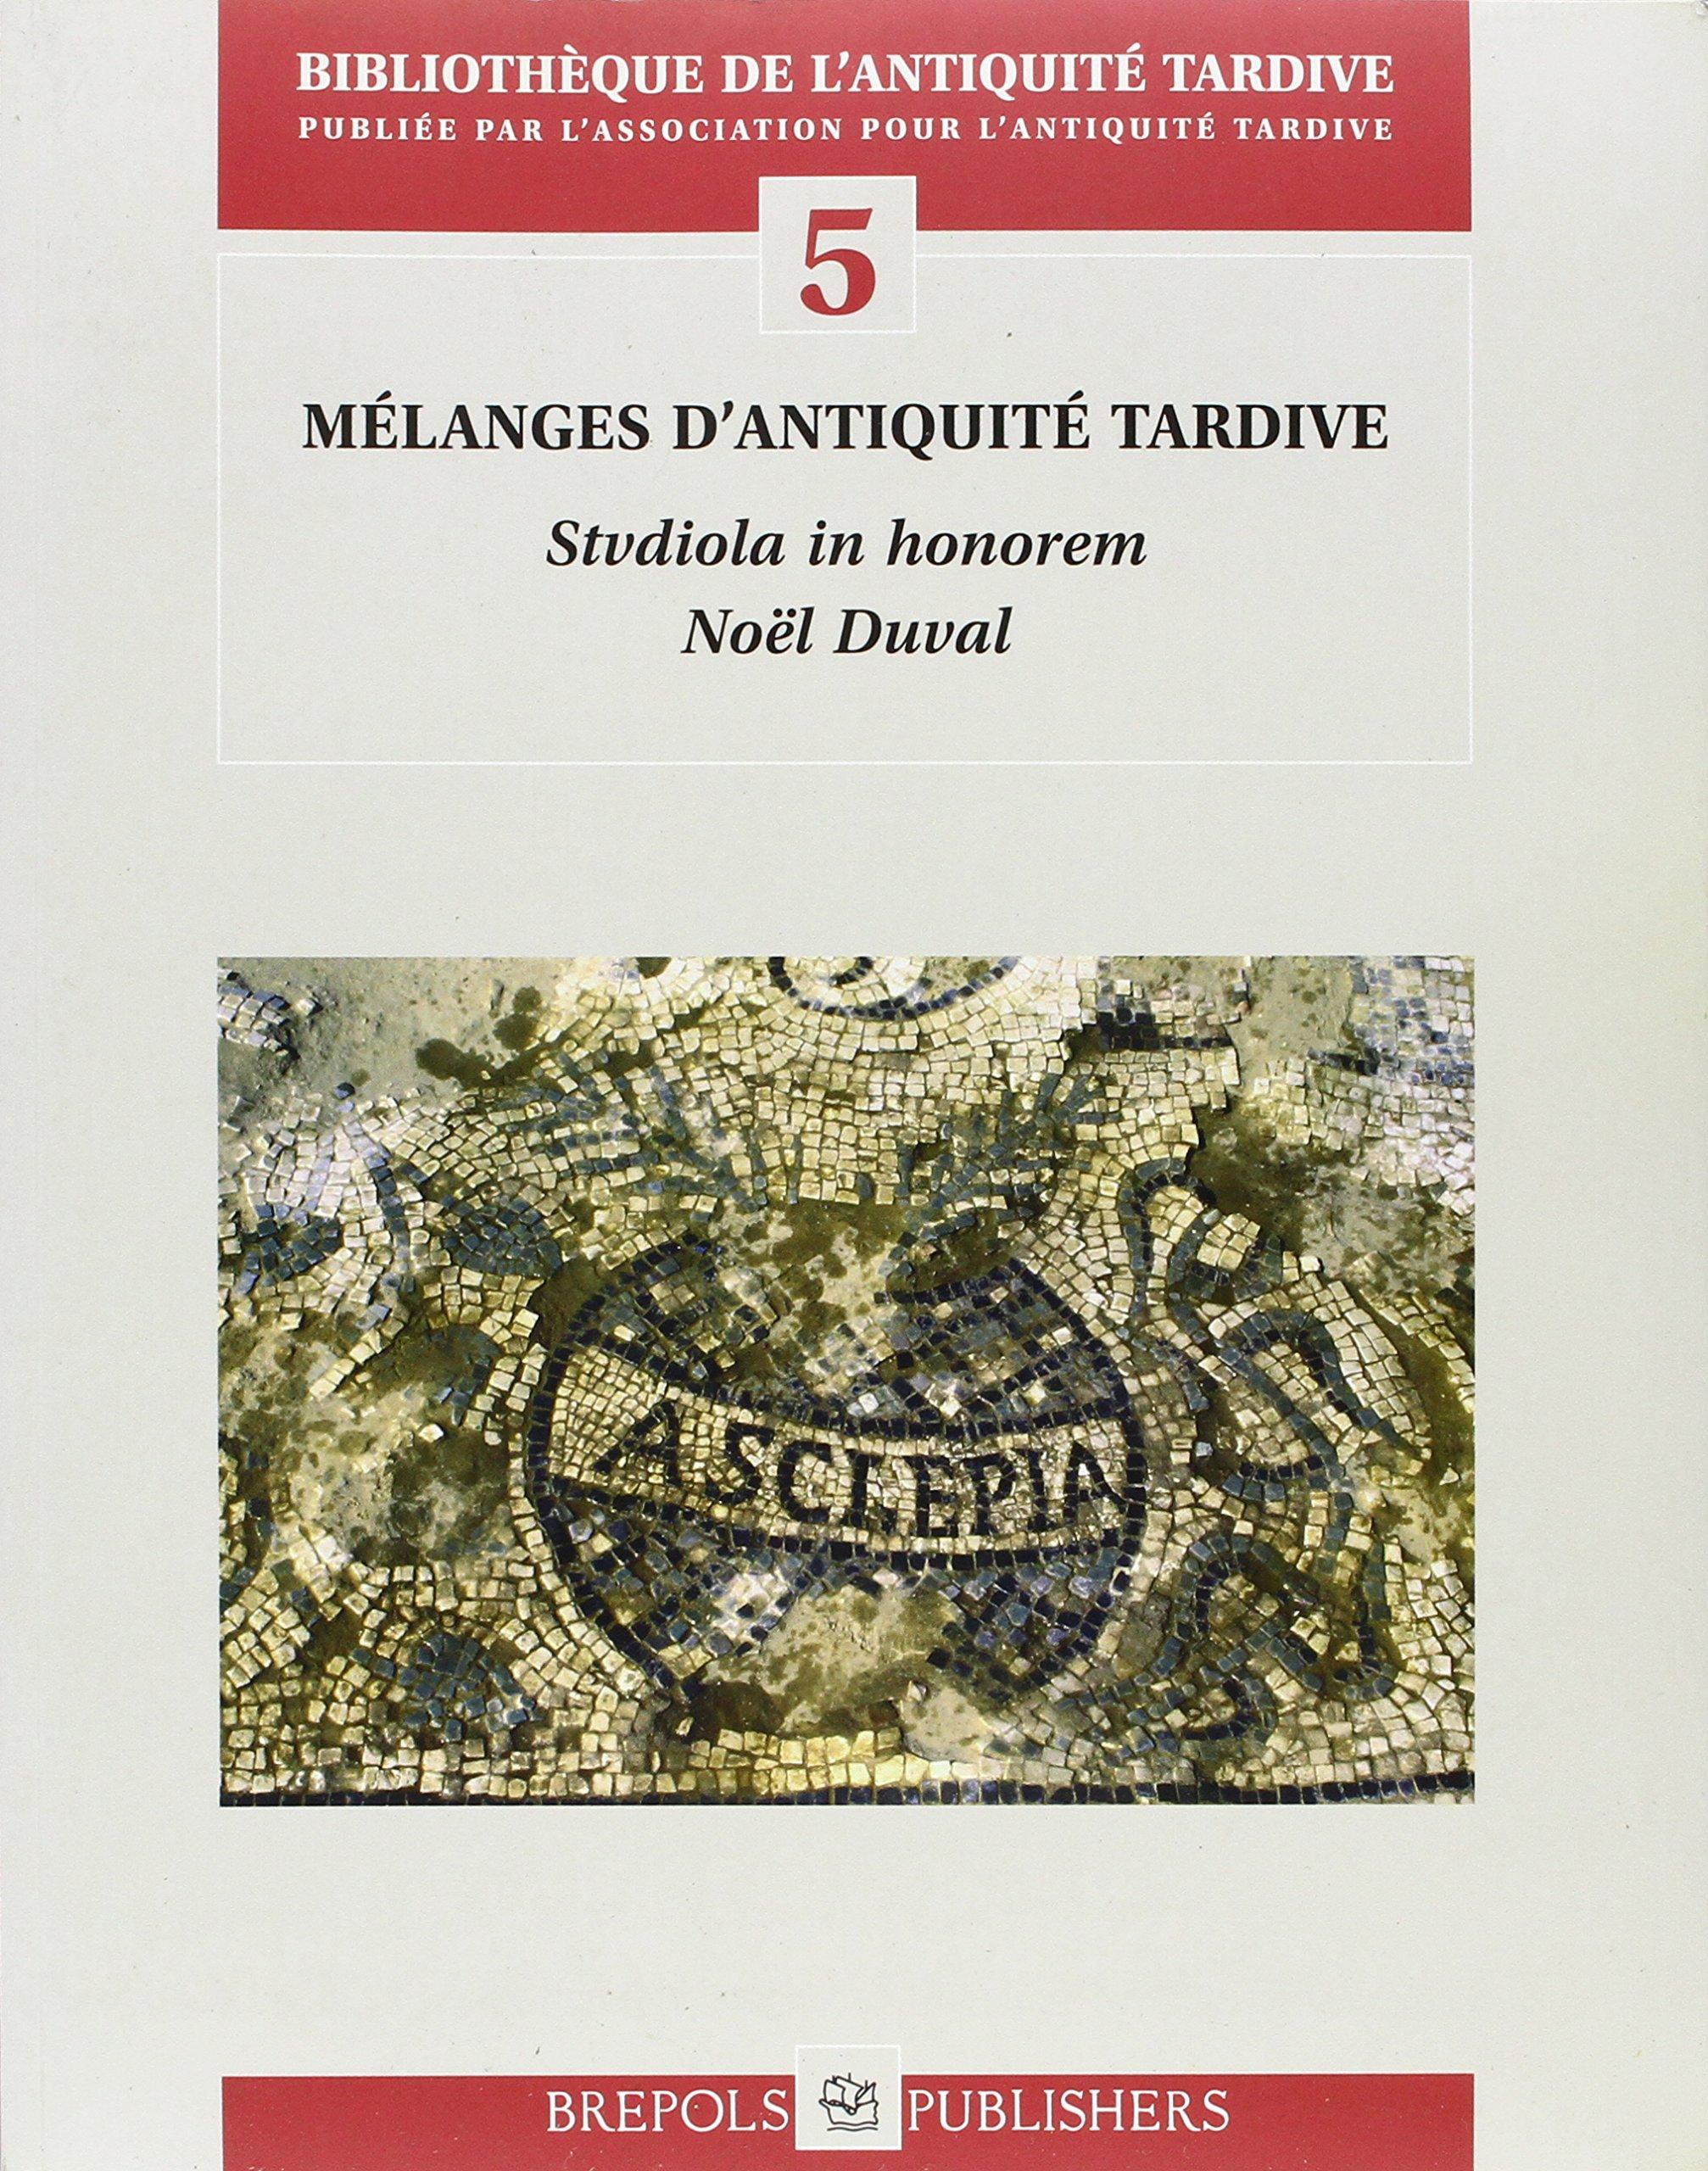 Mélanges d'Antiquité tardive. Studiola in honorem Natalis Duval (Anglais) Broché – 1 janvier 2004 Noël Duval Jean-Claude Golvin Jean-Michel Carrié Roger Hanoune